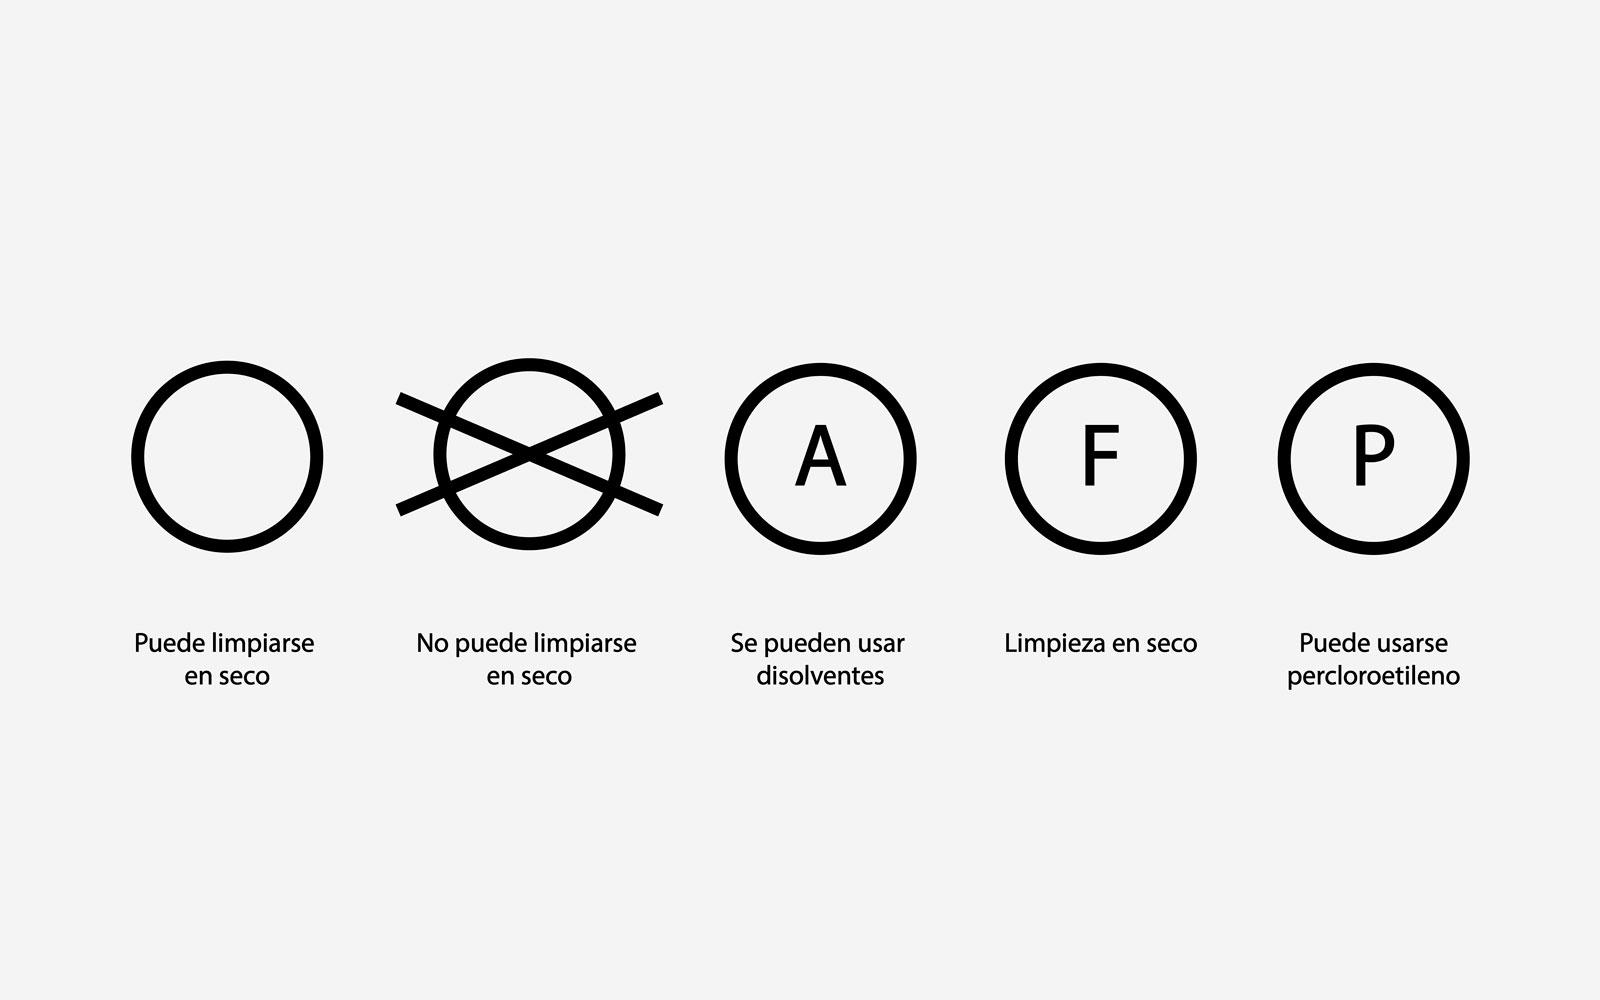 símbolos de lavado limpieza en seco